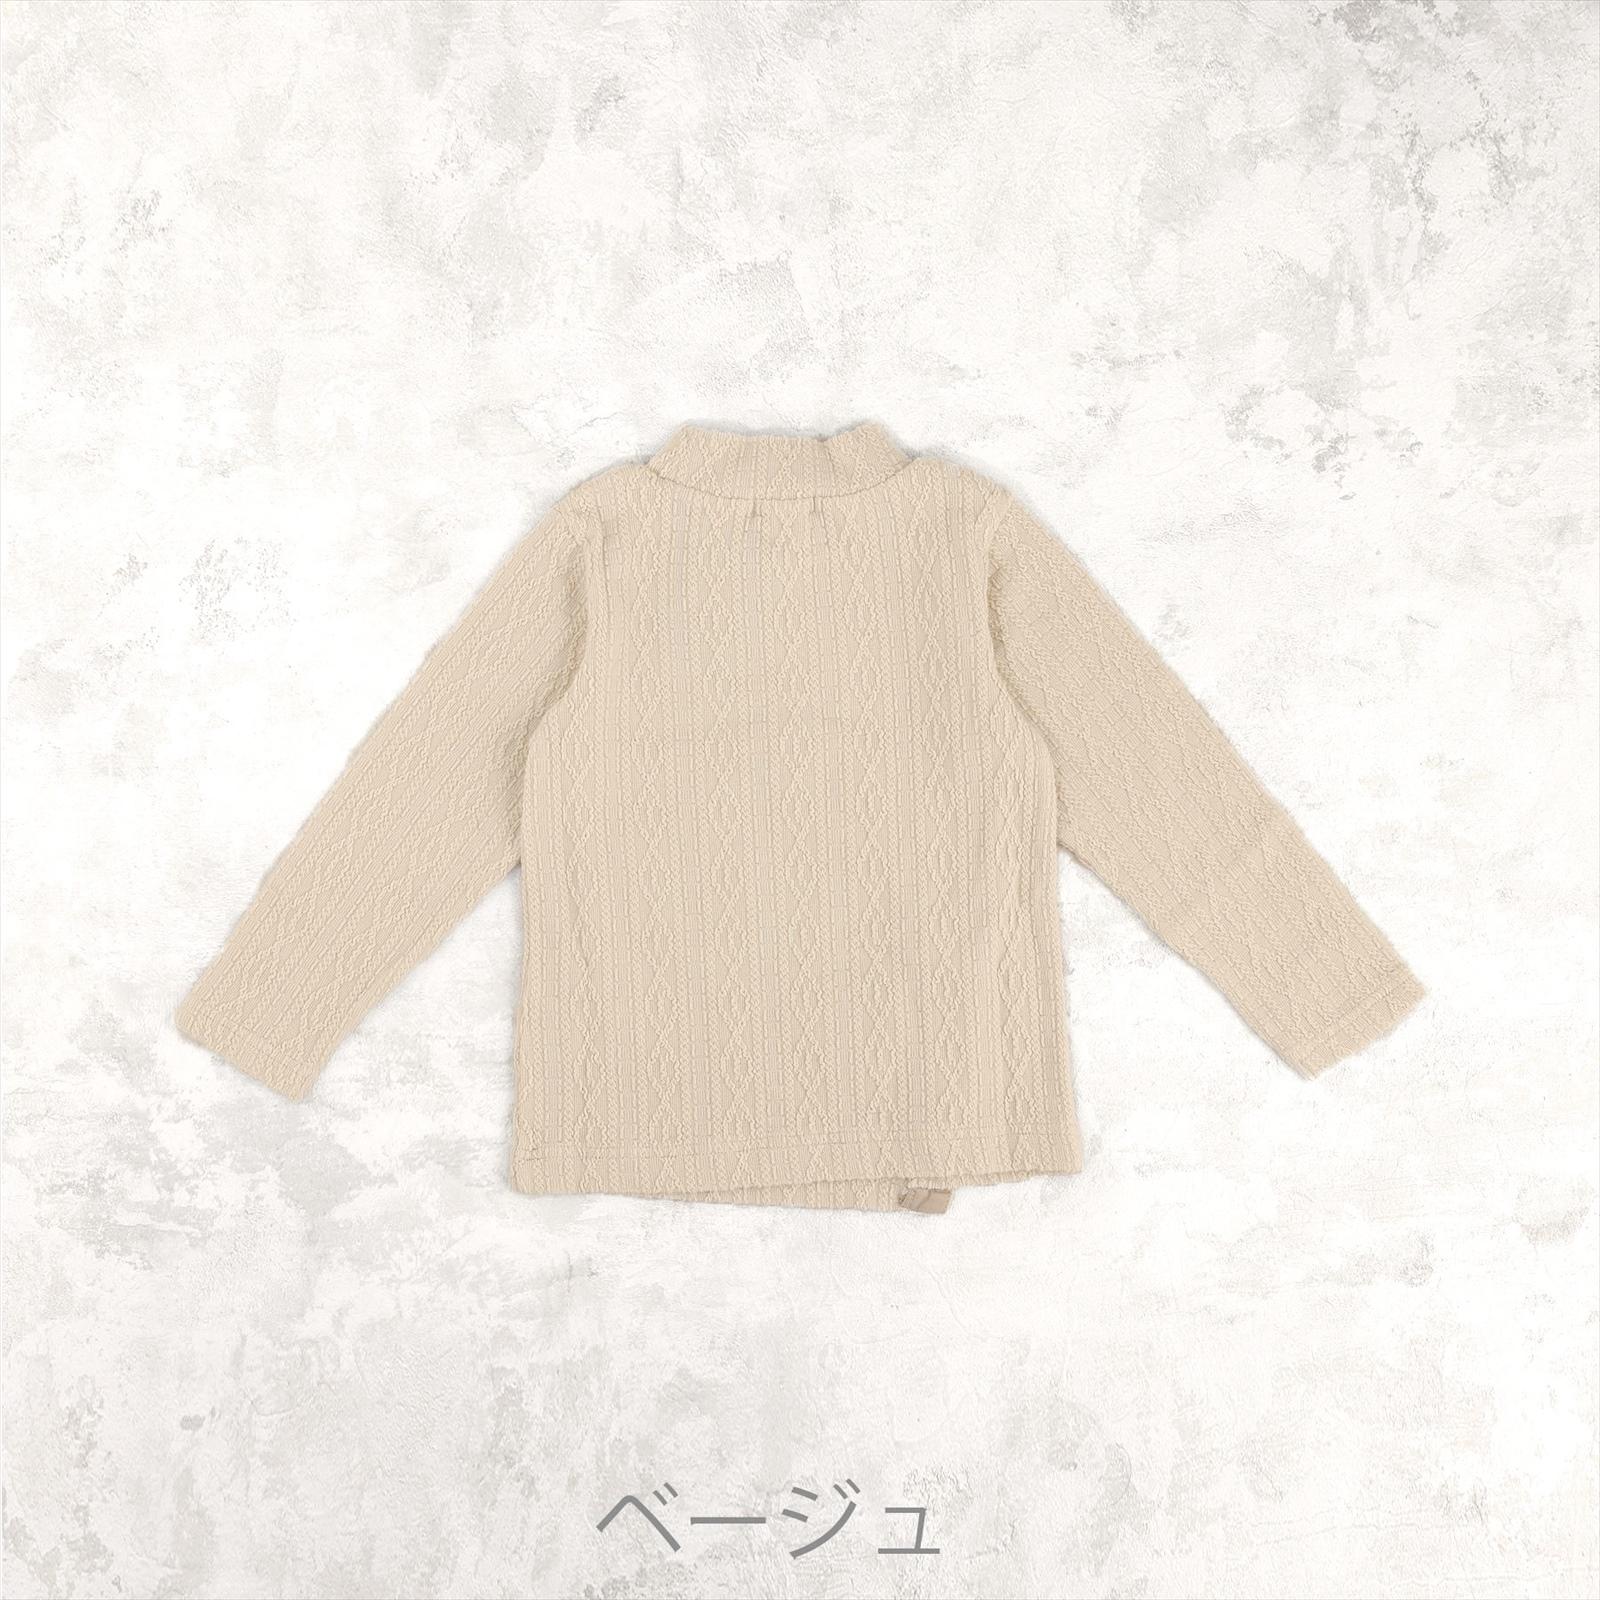 ケーブルニットTシャツ